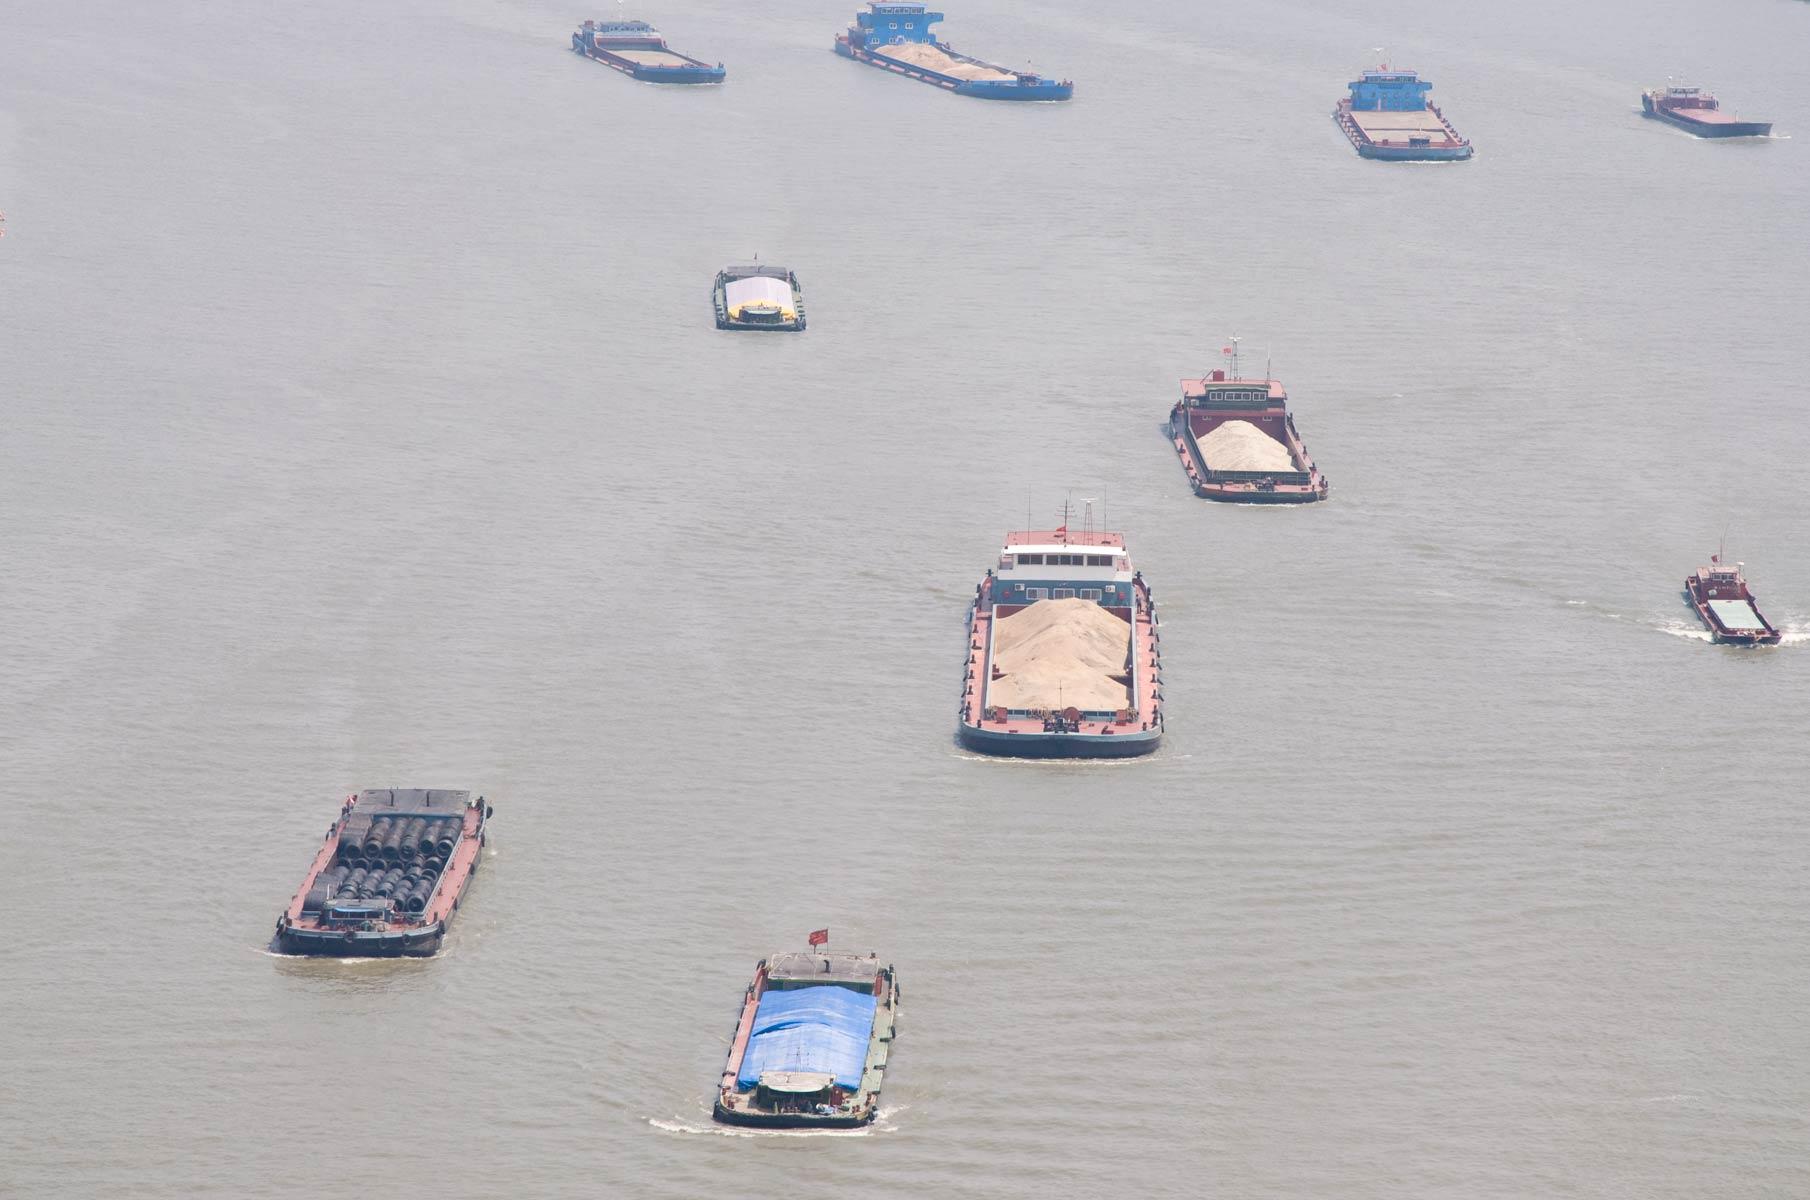 Blick von der Nanpu Brücke auf mehrere Schiffe auf dem Huangpu Fluss in Shanghai, China